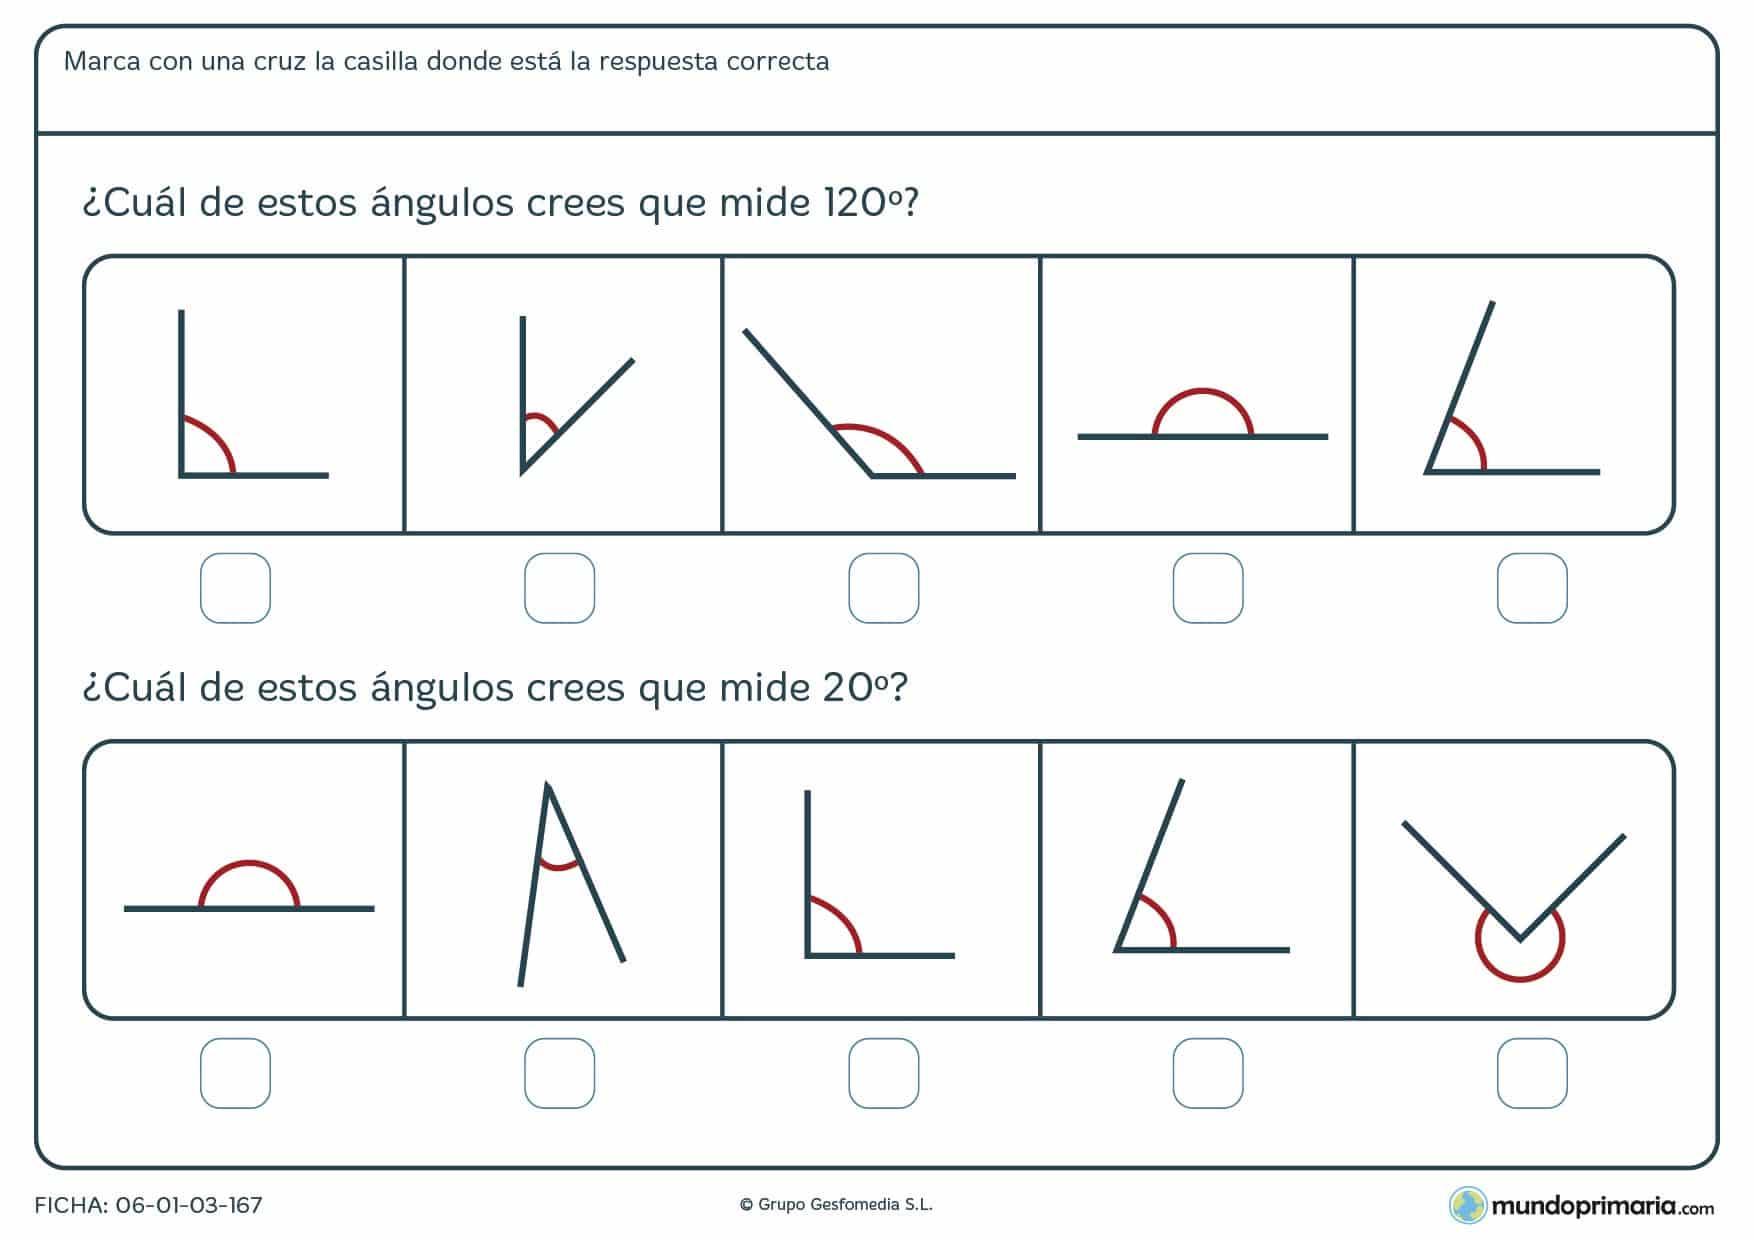 Ficha de grados de ángulos, para resolver solo con la percepción óptica de las imágenes y marcar así la respuesta que creas correcta.